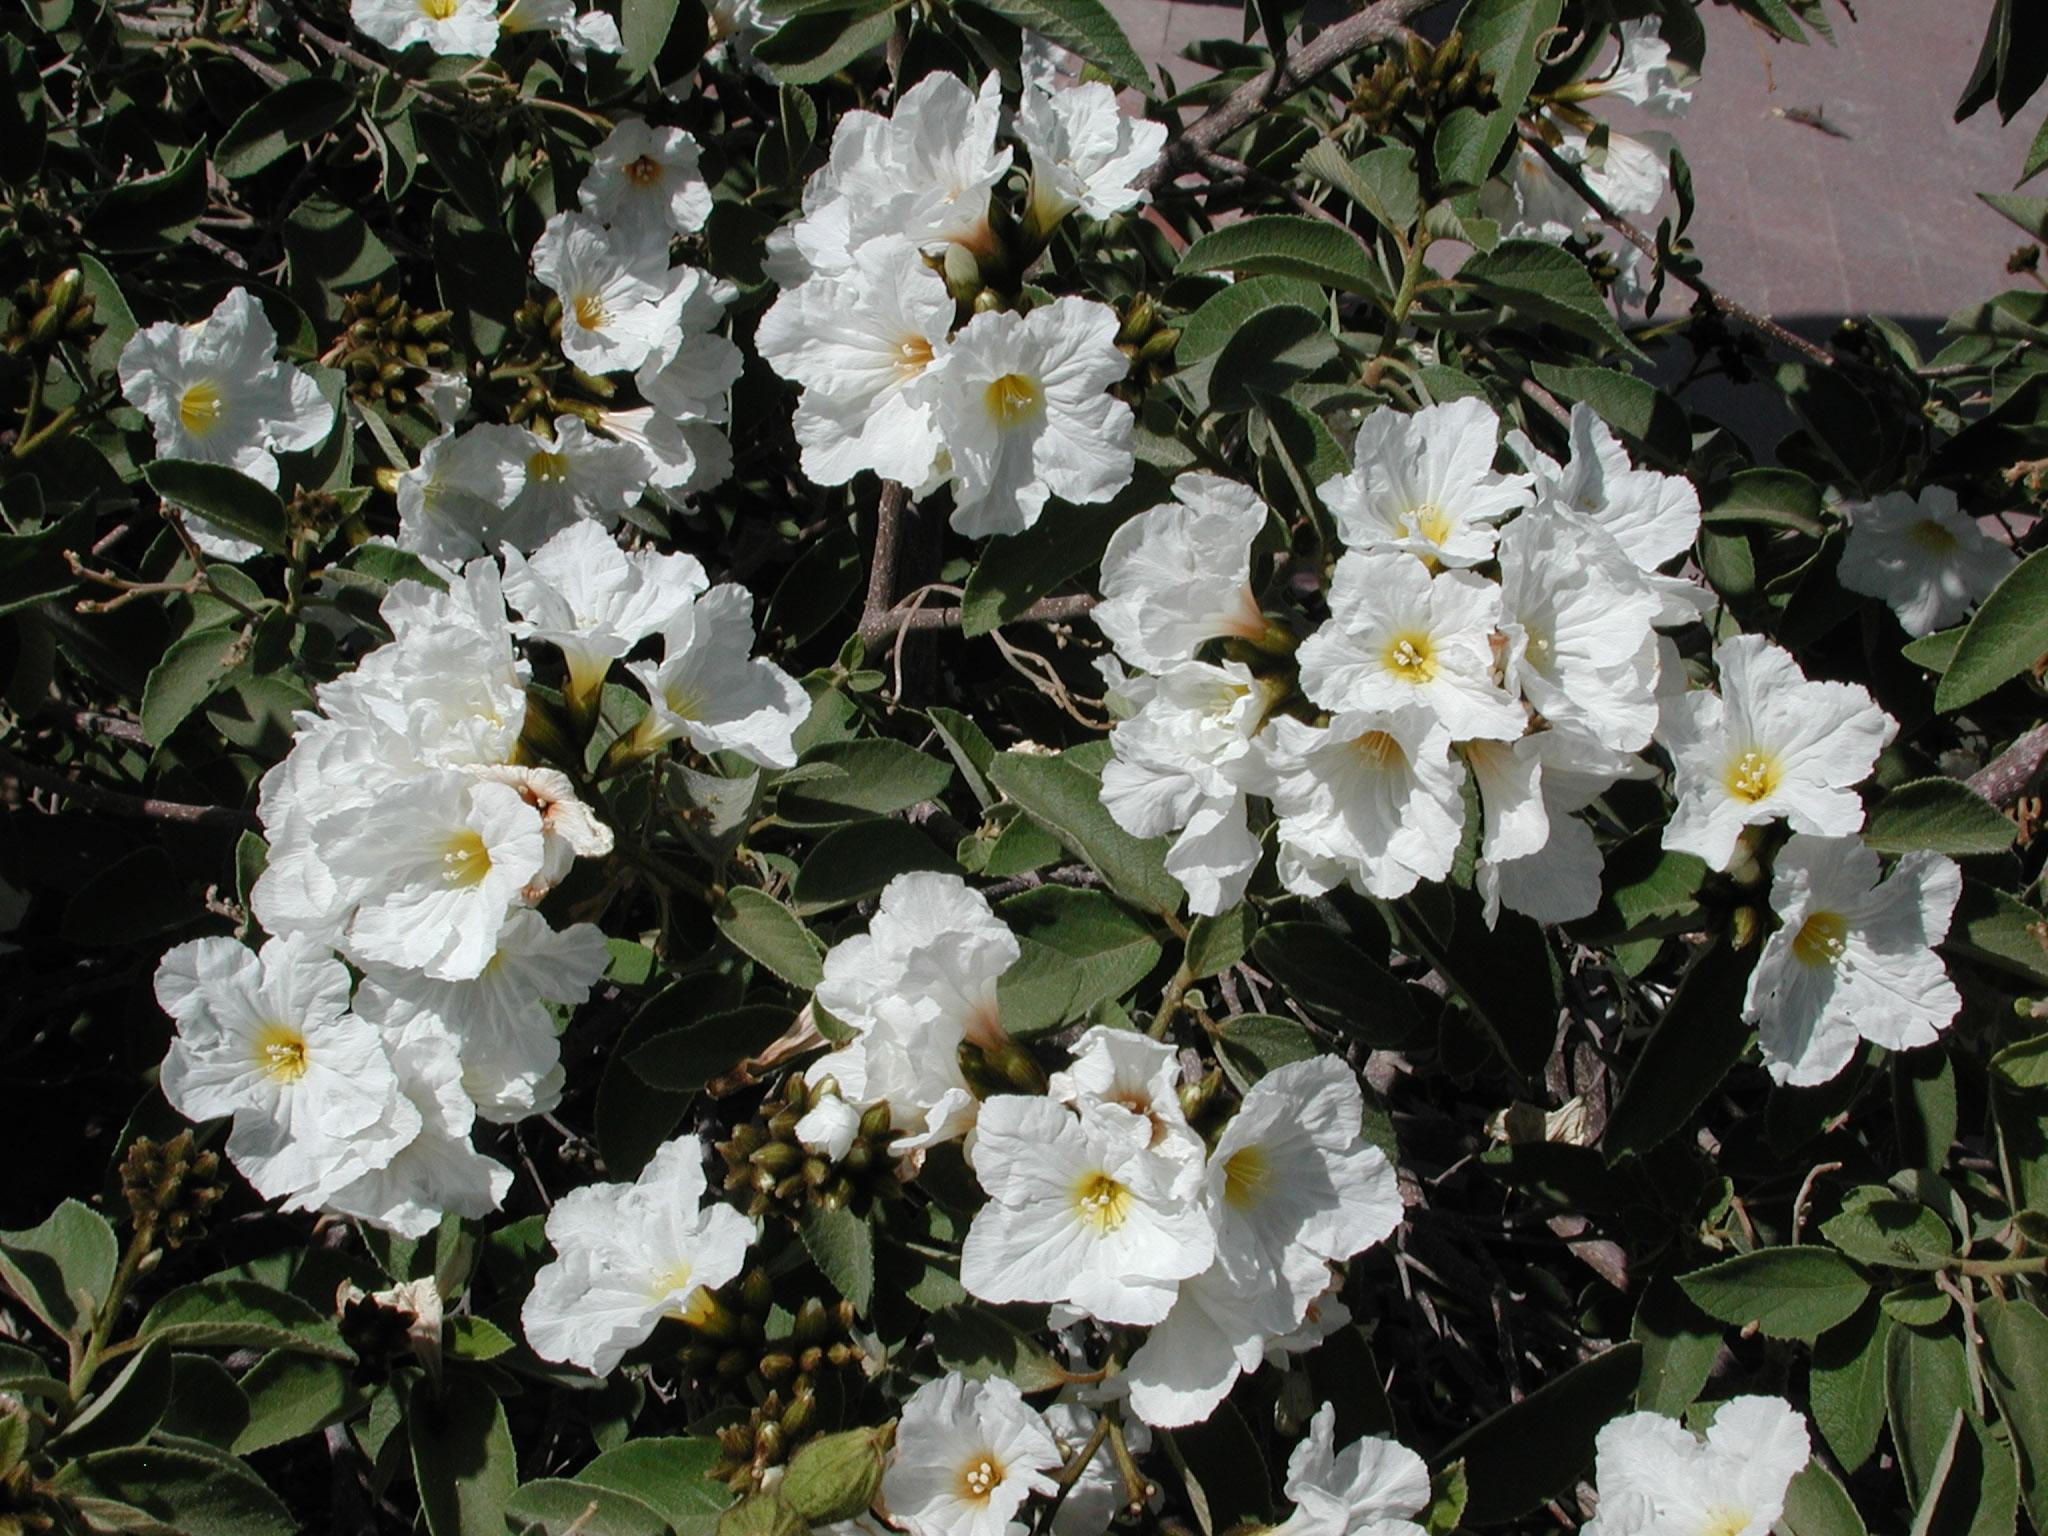 Spring Blooms University Of Arizona Campus Arboretum